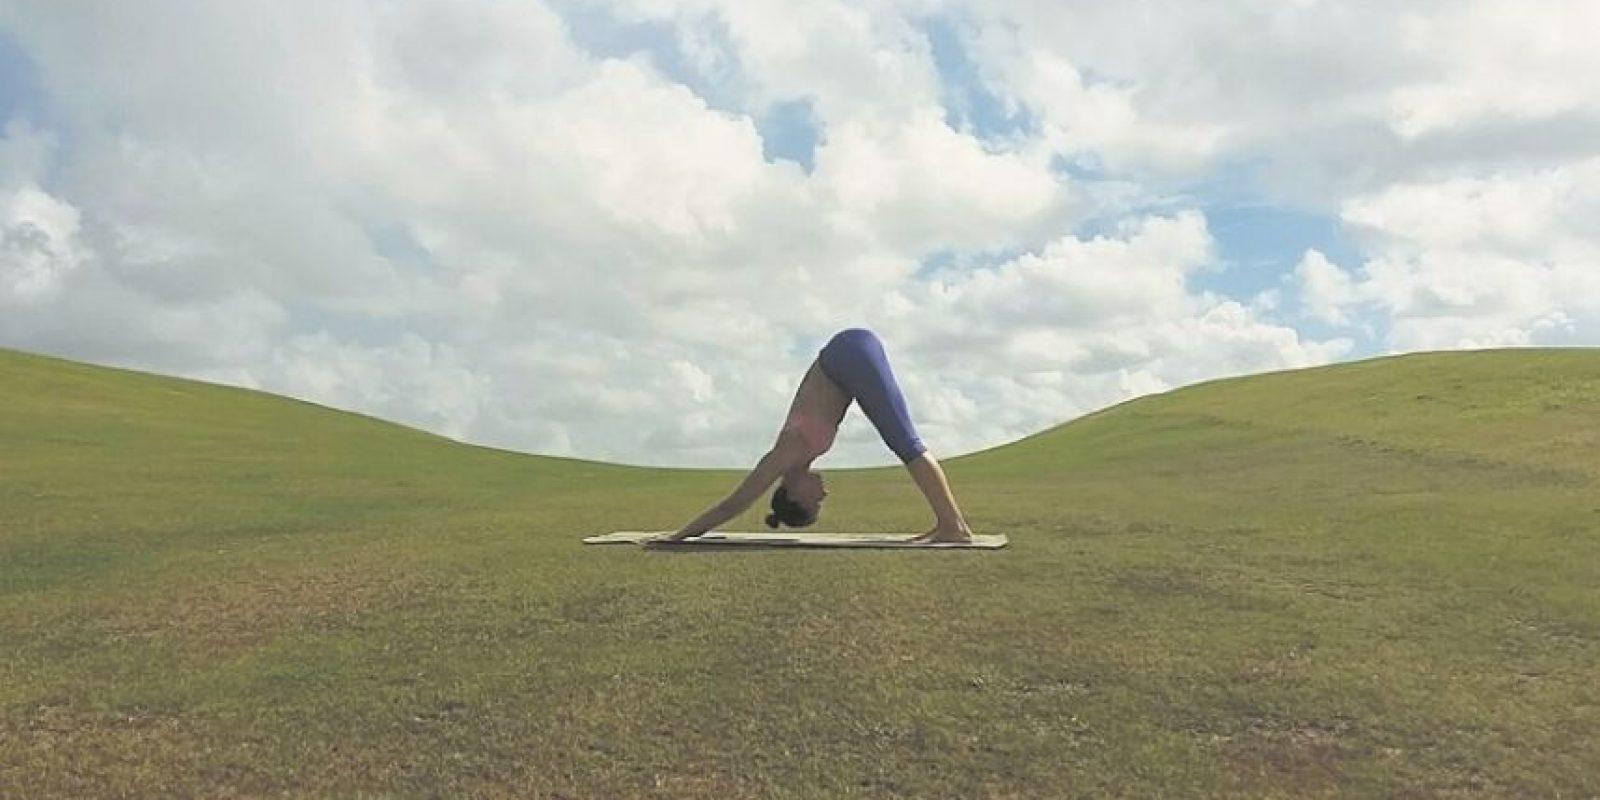 1. Perro invertido. Preparación. Llevamos las manos hacia los pies al exhalar. Llevamos un pie para atrás, luego el otro. Al principio puedes doblar las rodillas un poco, pero mientras más mantienes la posición debes tratar de llevar los talones al suelo, maximizando el rango de estiramiento de los músculos utilizados (hombros, pantorrillas, hamstrings, espalda) Beneficios:• Le da calma al cerebro y nos quita el estrés.• Energiza el cuerpo• Nos ayuda con dolores menstruales• Mejora dolores de cabeza, insomnio, dolores de espalda y fatiga Foto:Fuente externa